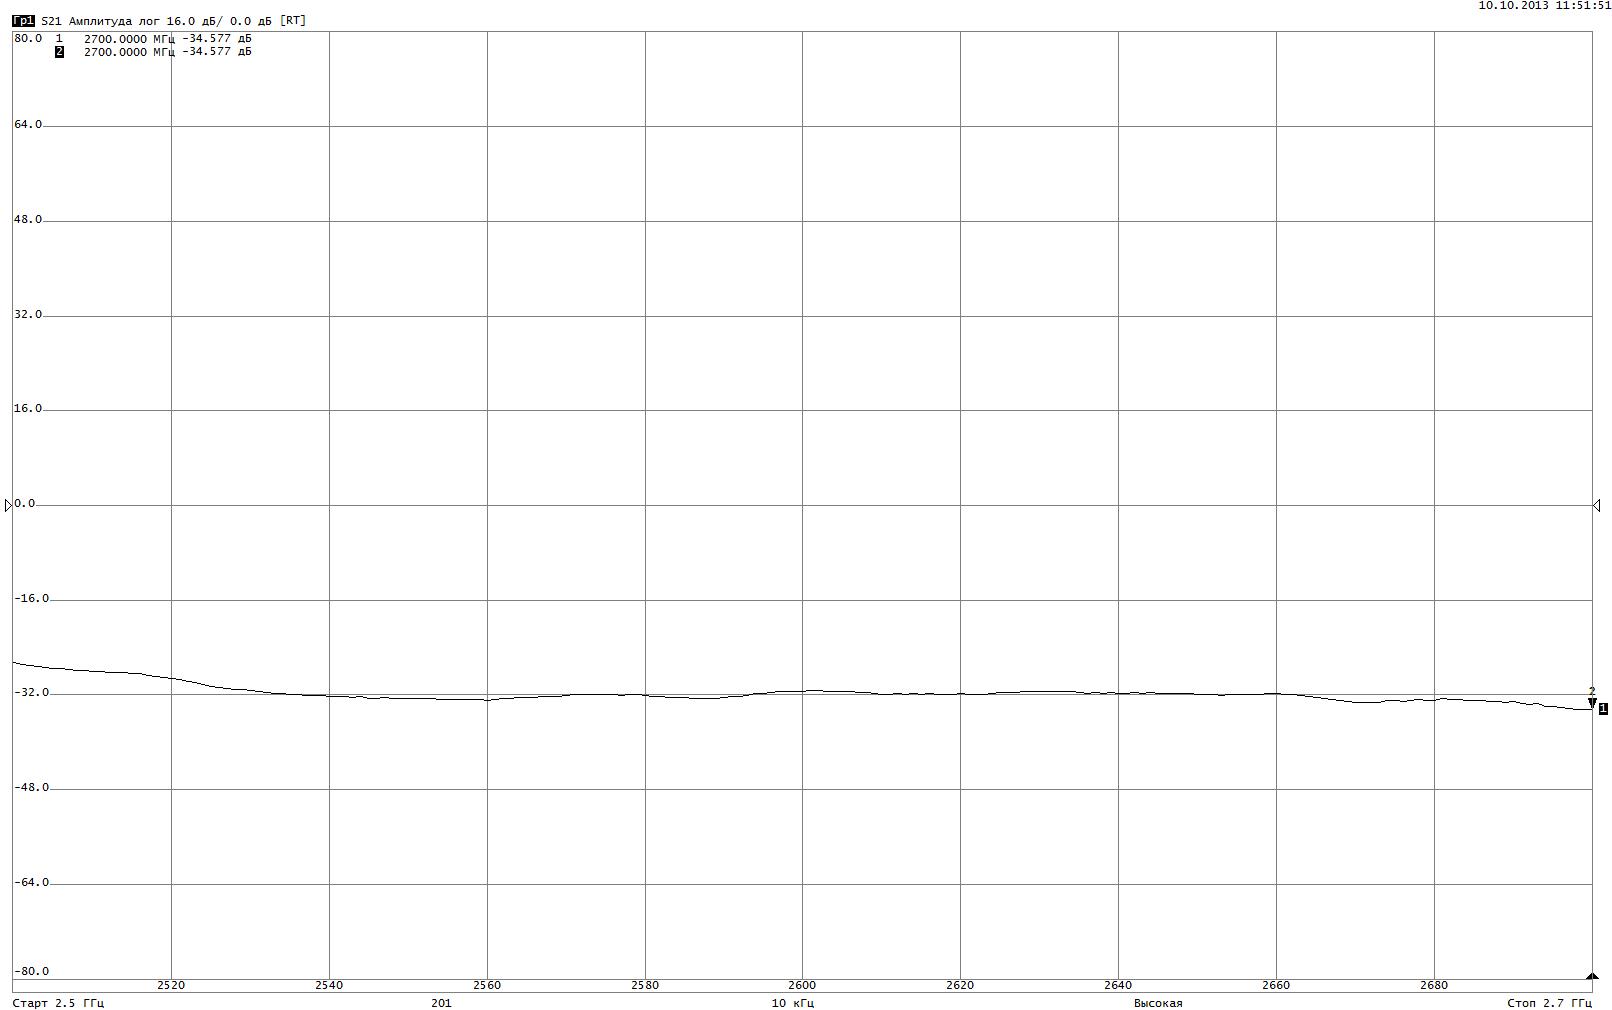 Зависимость модуля коэффициента передачи между каналами от частоты